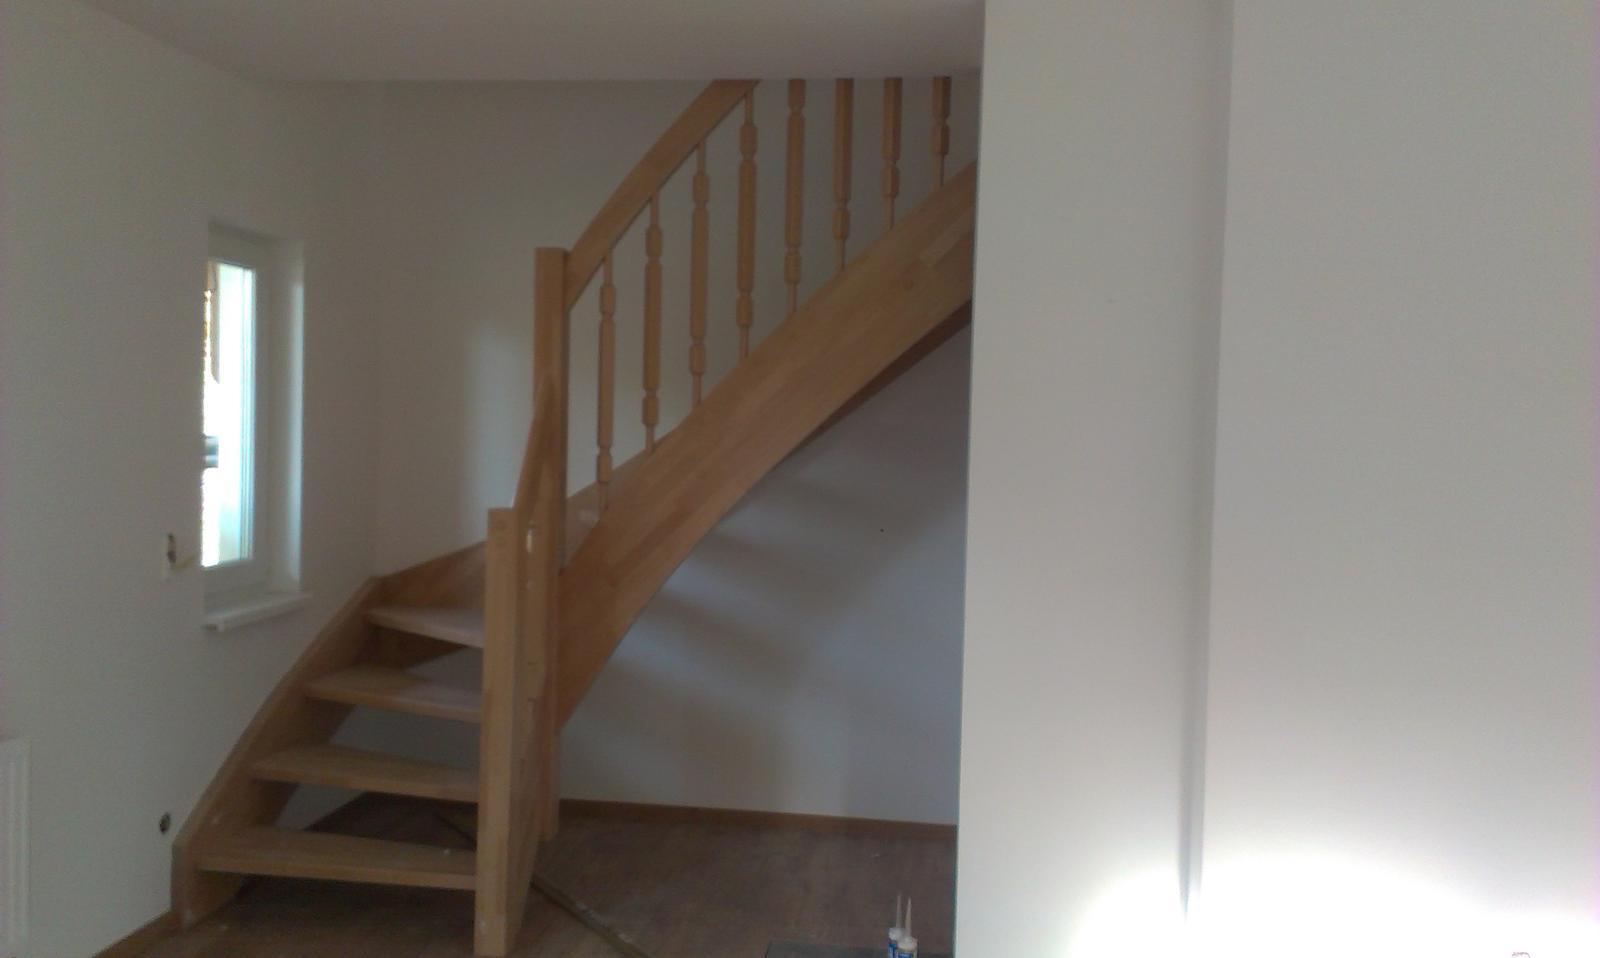 Nova 77 - kompletné schodisko